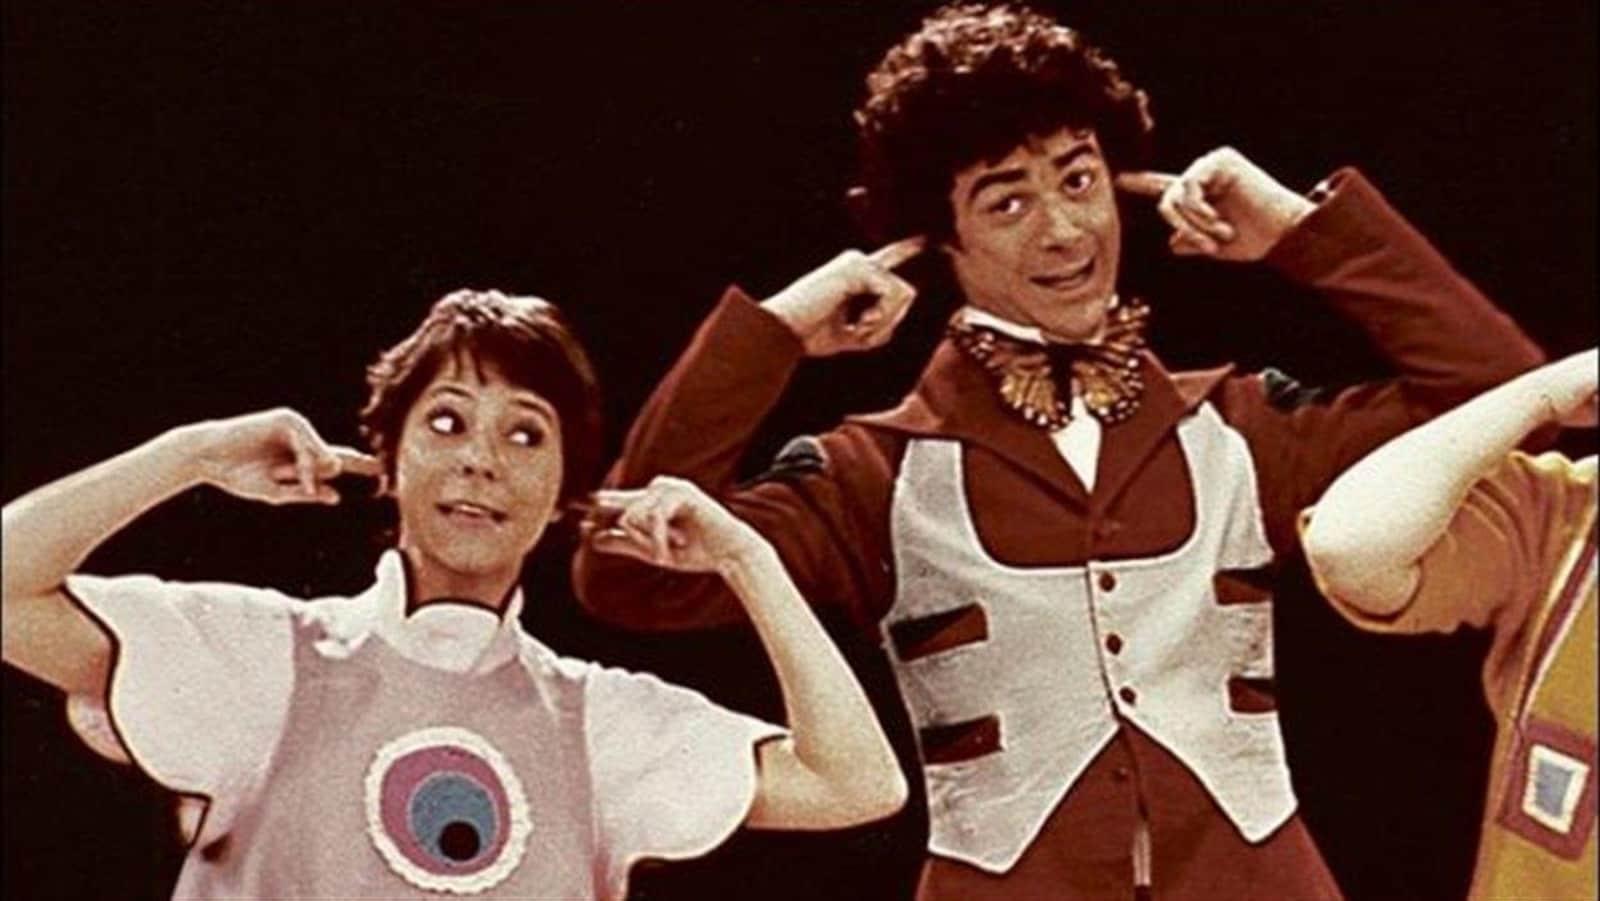 Image tirée de la série originale <i>Passe-Partout</i>, où l'on voit les personnages Passe-Partout et Passe-Montagne, incarnés par Marie Eykel et Jacques L'Heureux, respectivement.